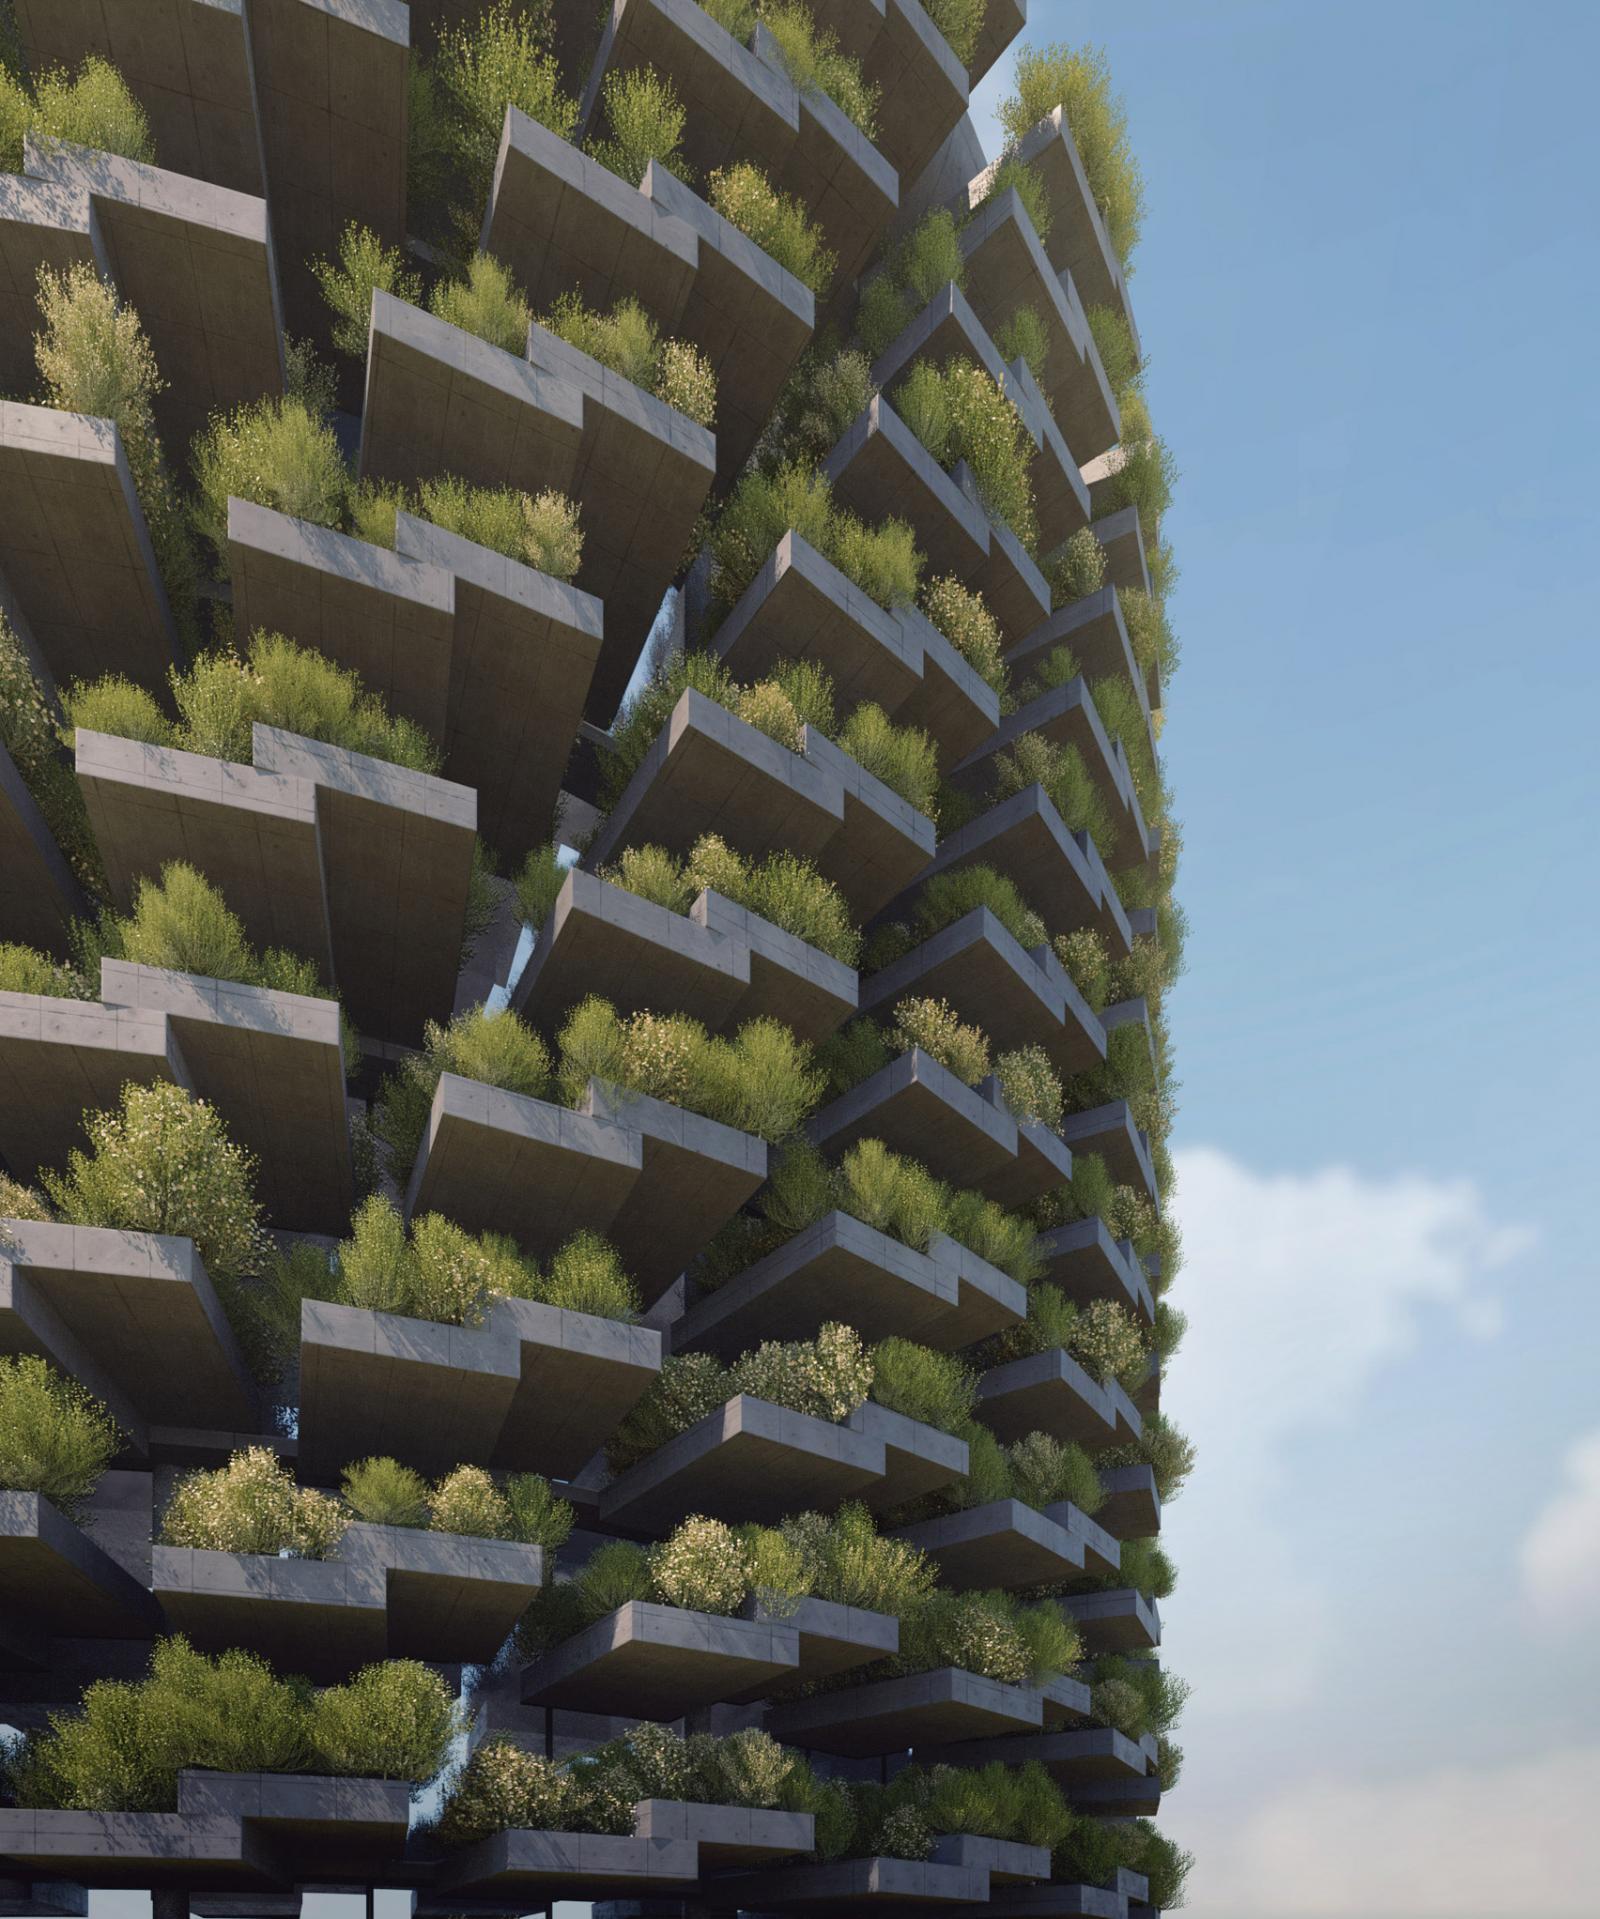 hình ảnh cận cảnh ban công trồng cây xanh